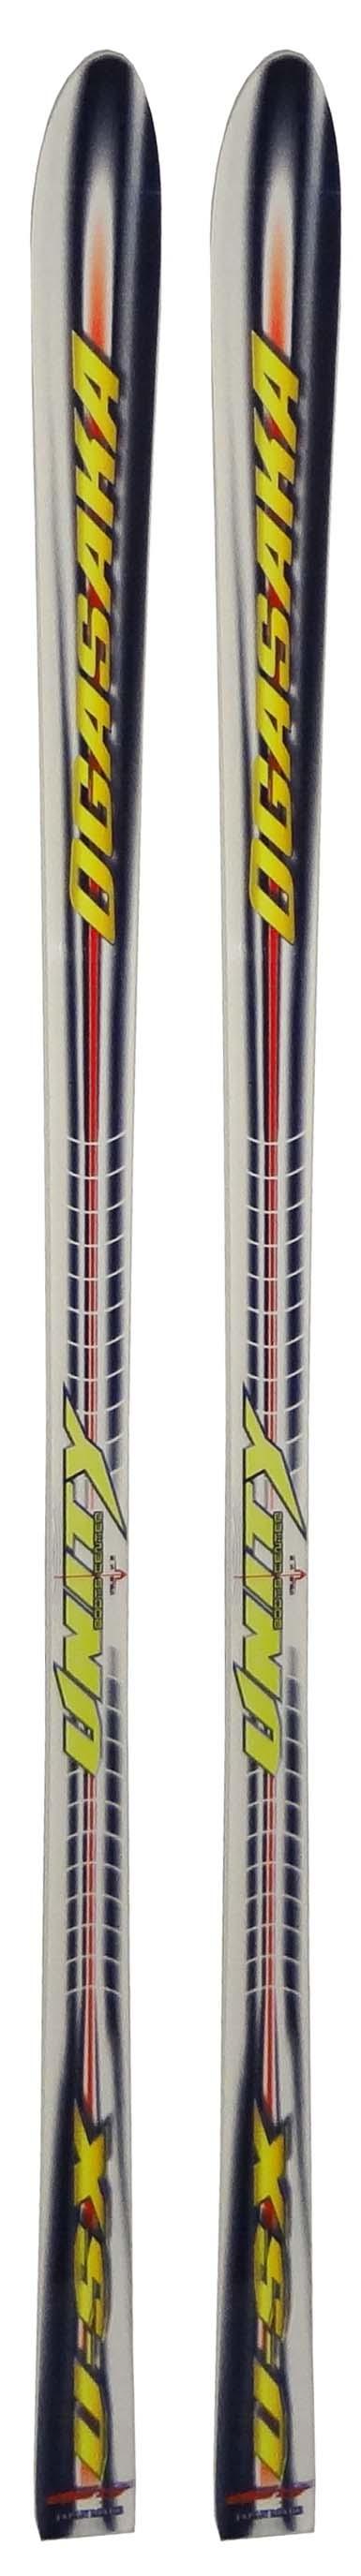 Ogasaka 00 - 01 Unity USX Skis (No Bindings / Flat) NEW !! 185,190cm